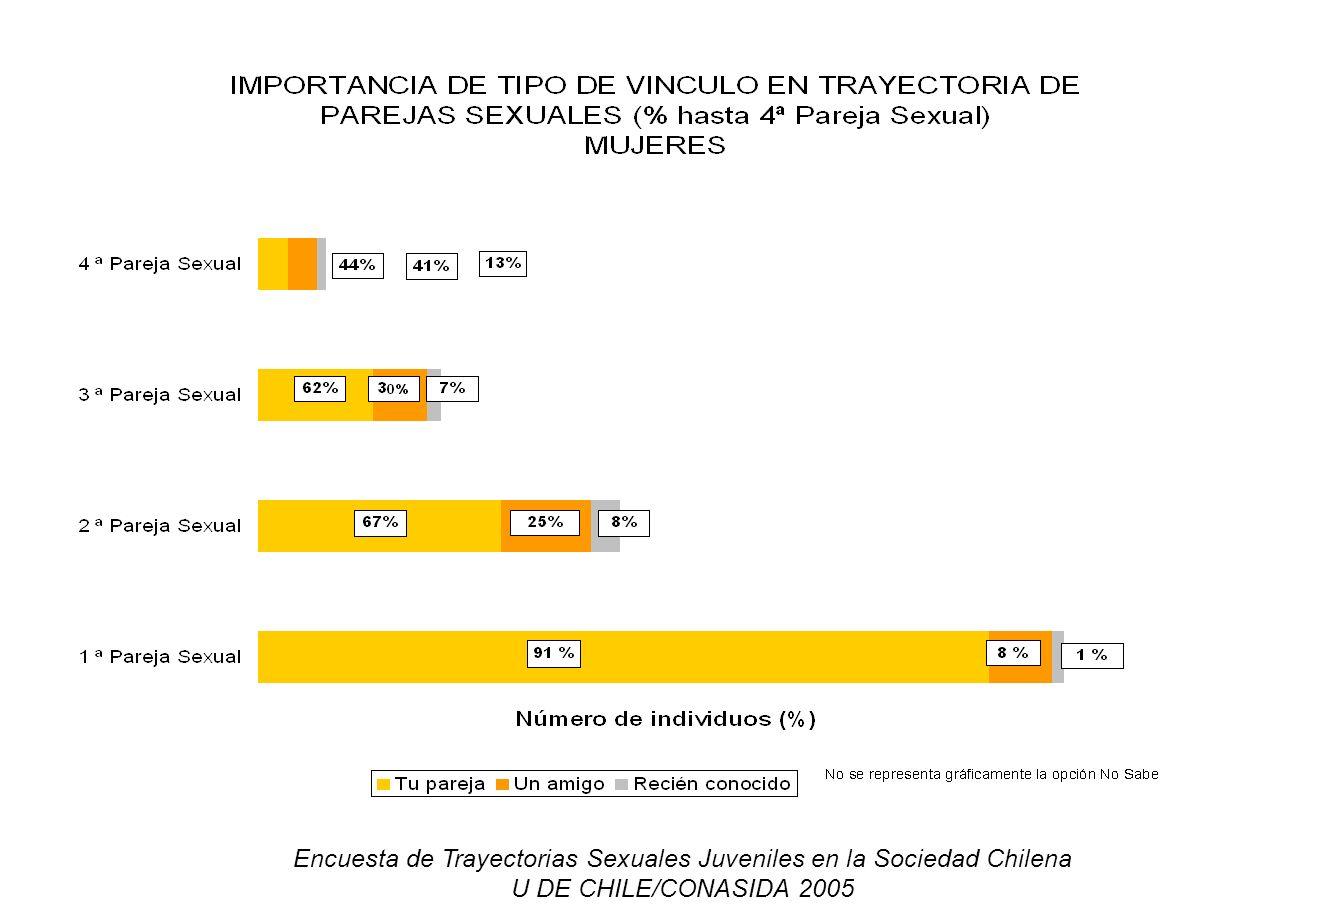 Encuesta de Trayectorias Sexuales Juveniles en la Sociedad Chilena U DE CHILE/CONASIDA 2005